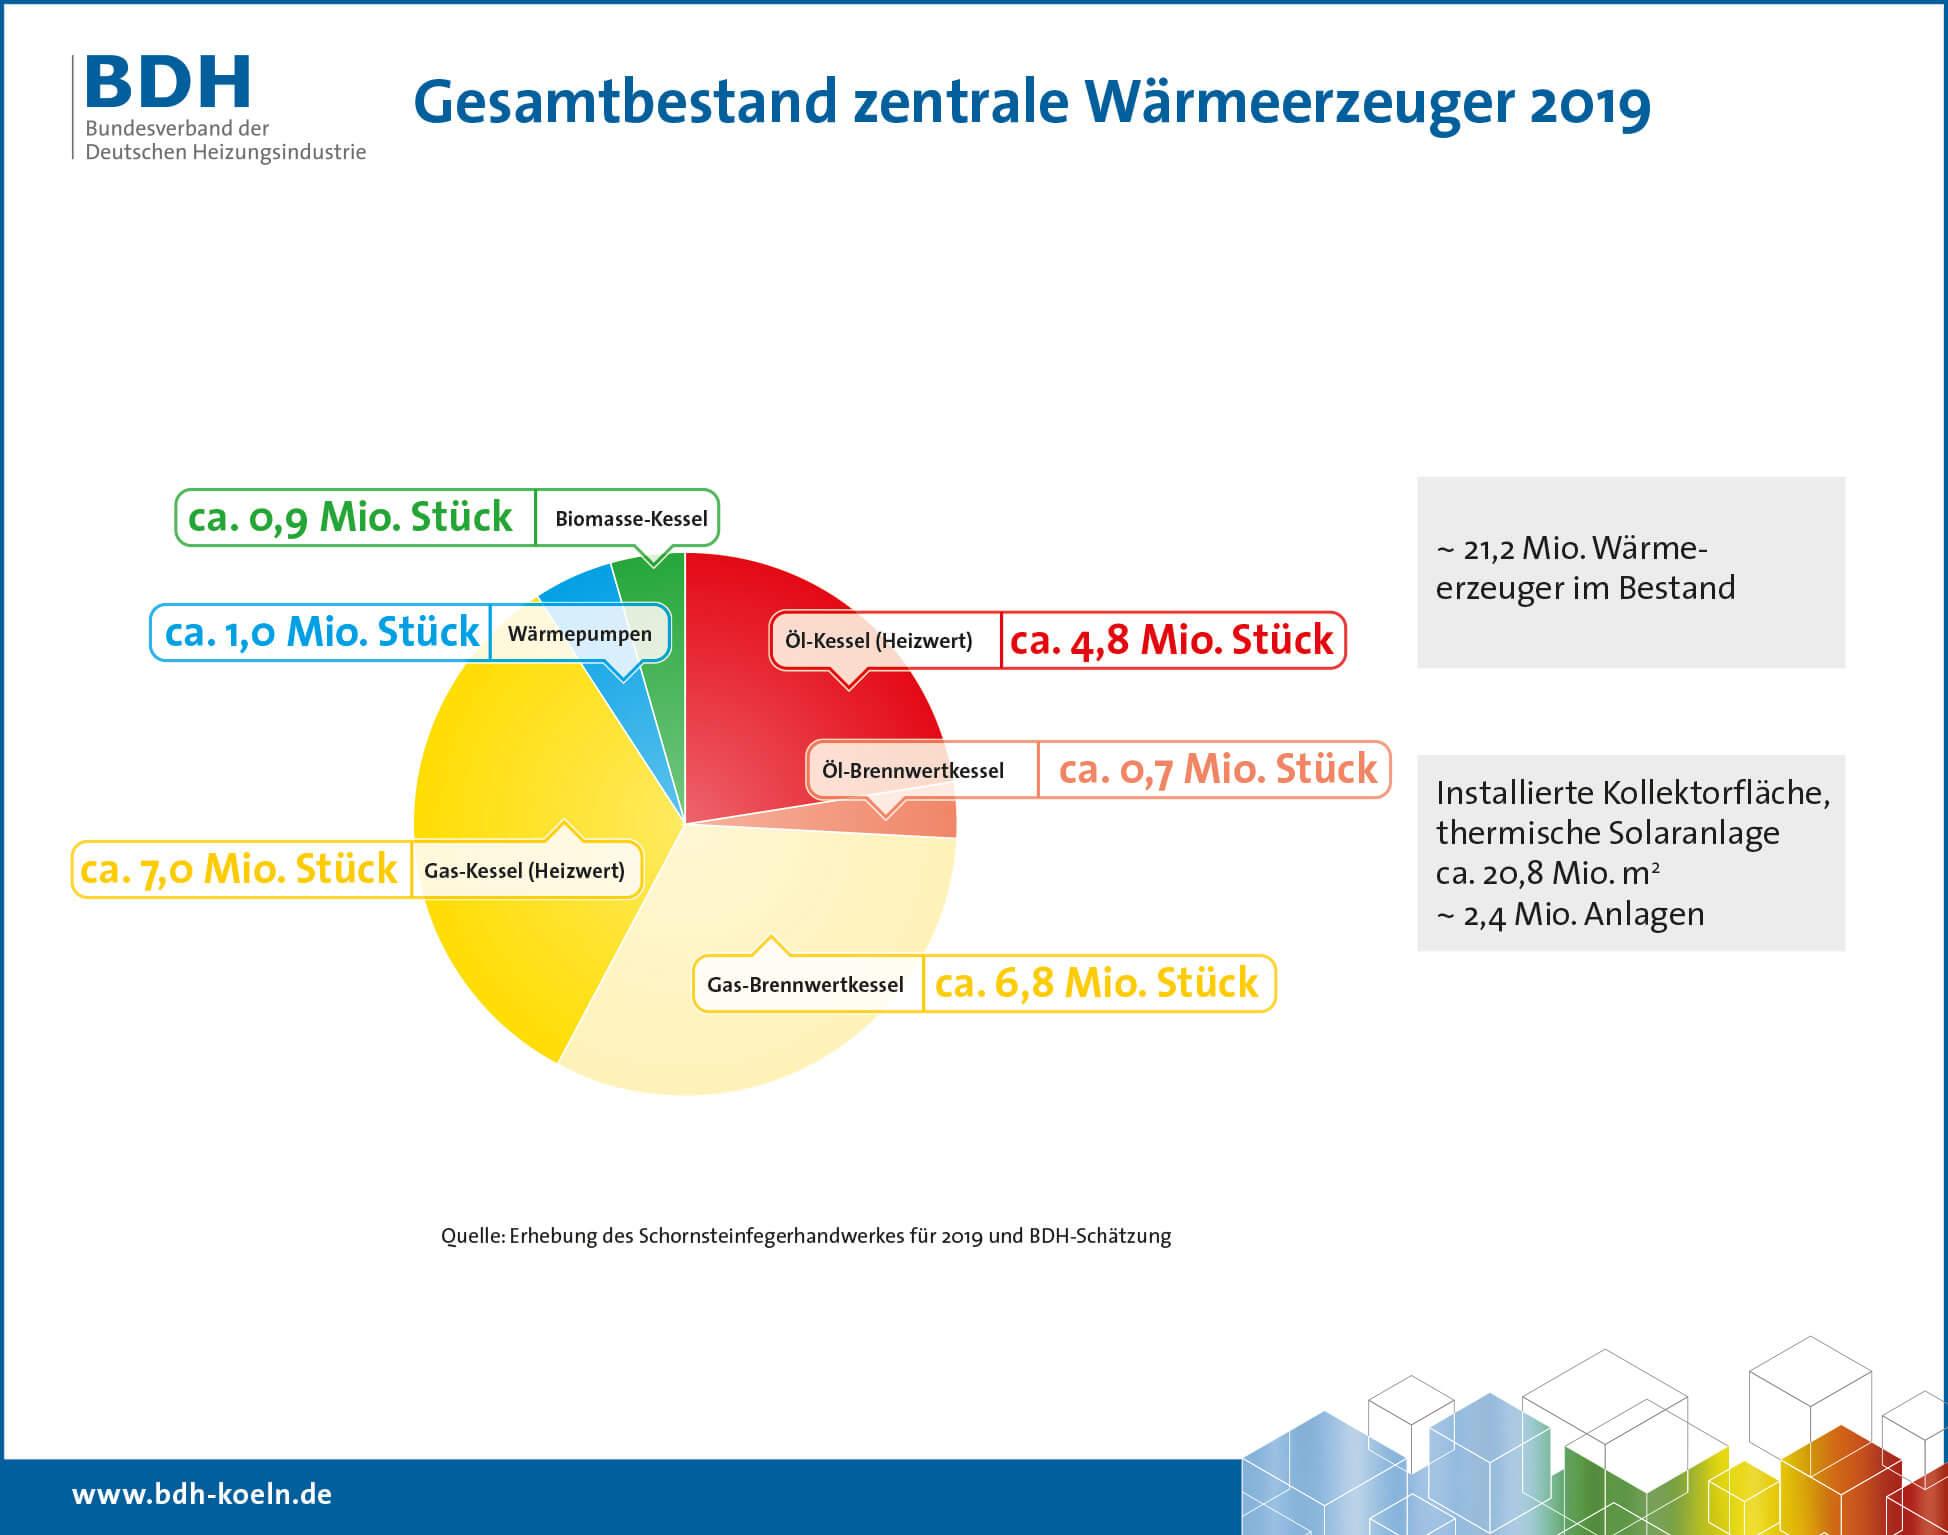 gesamtbestand-waermeerzeuger-2019-deutschland-bdh